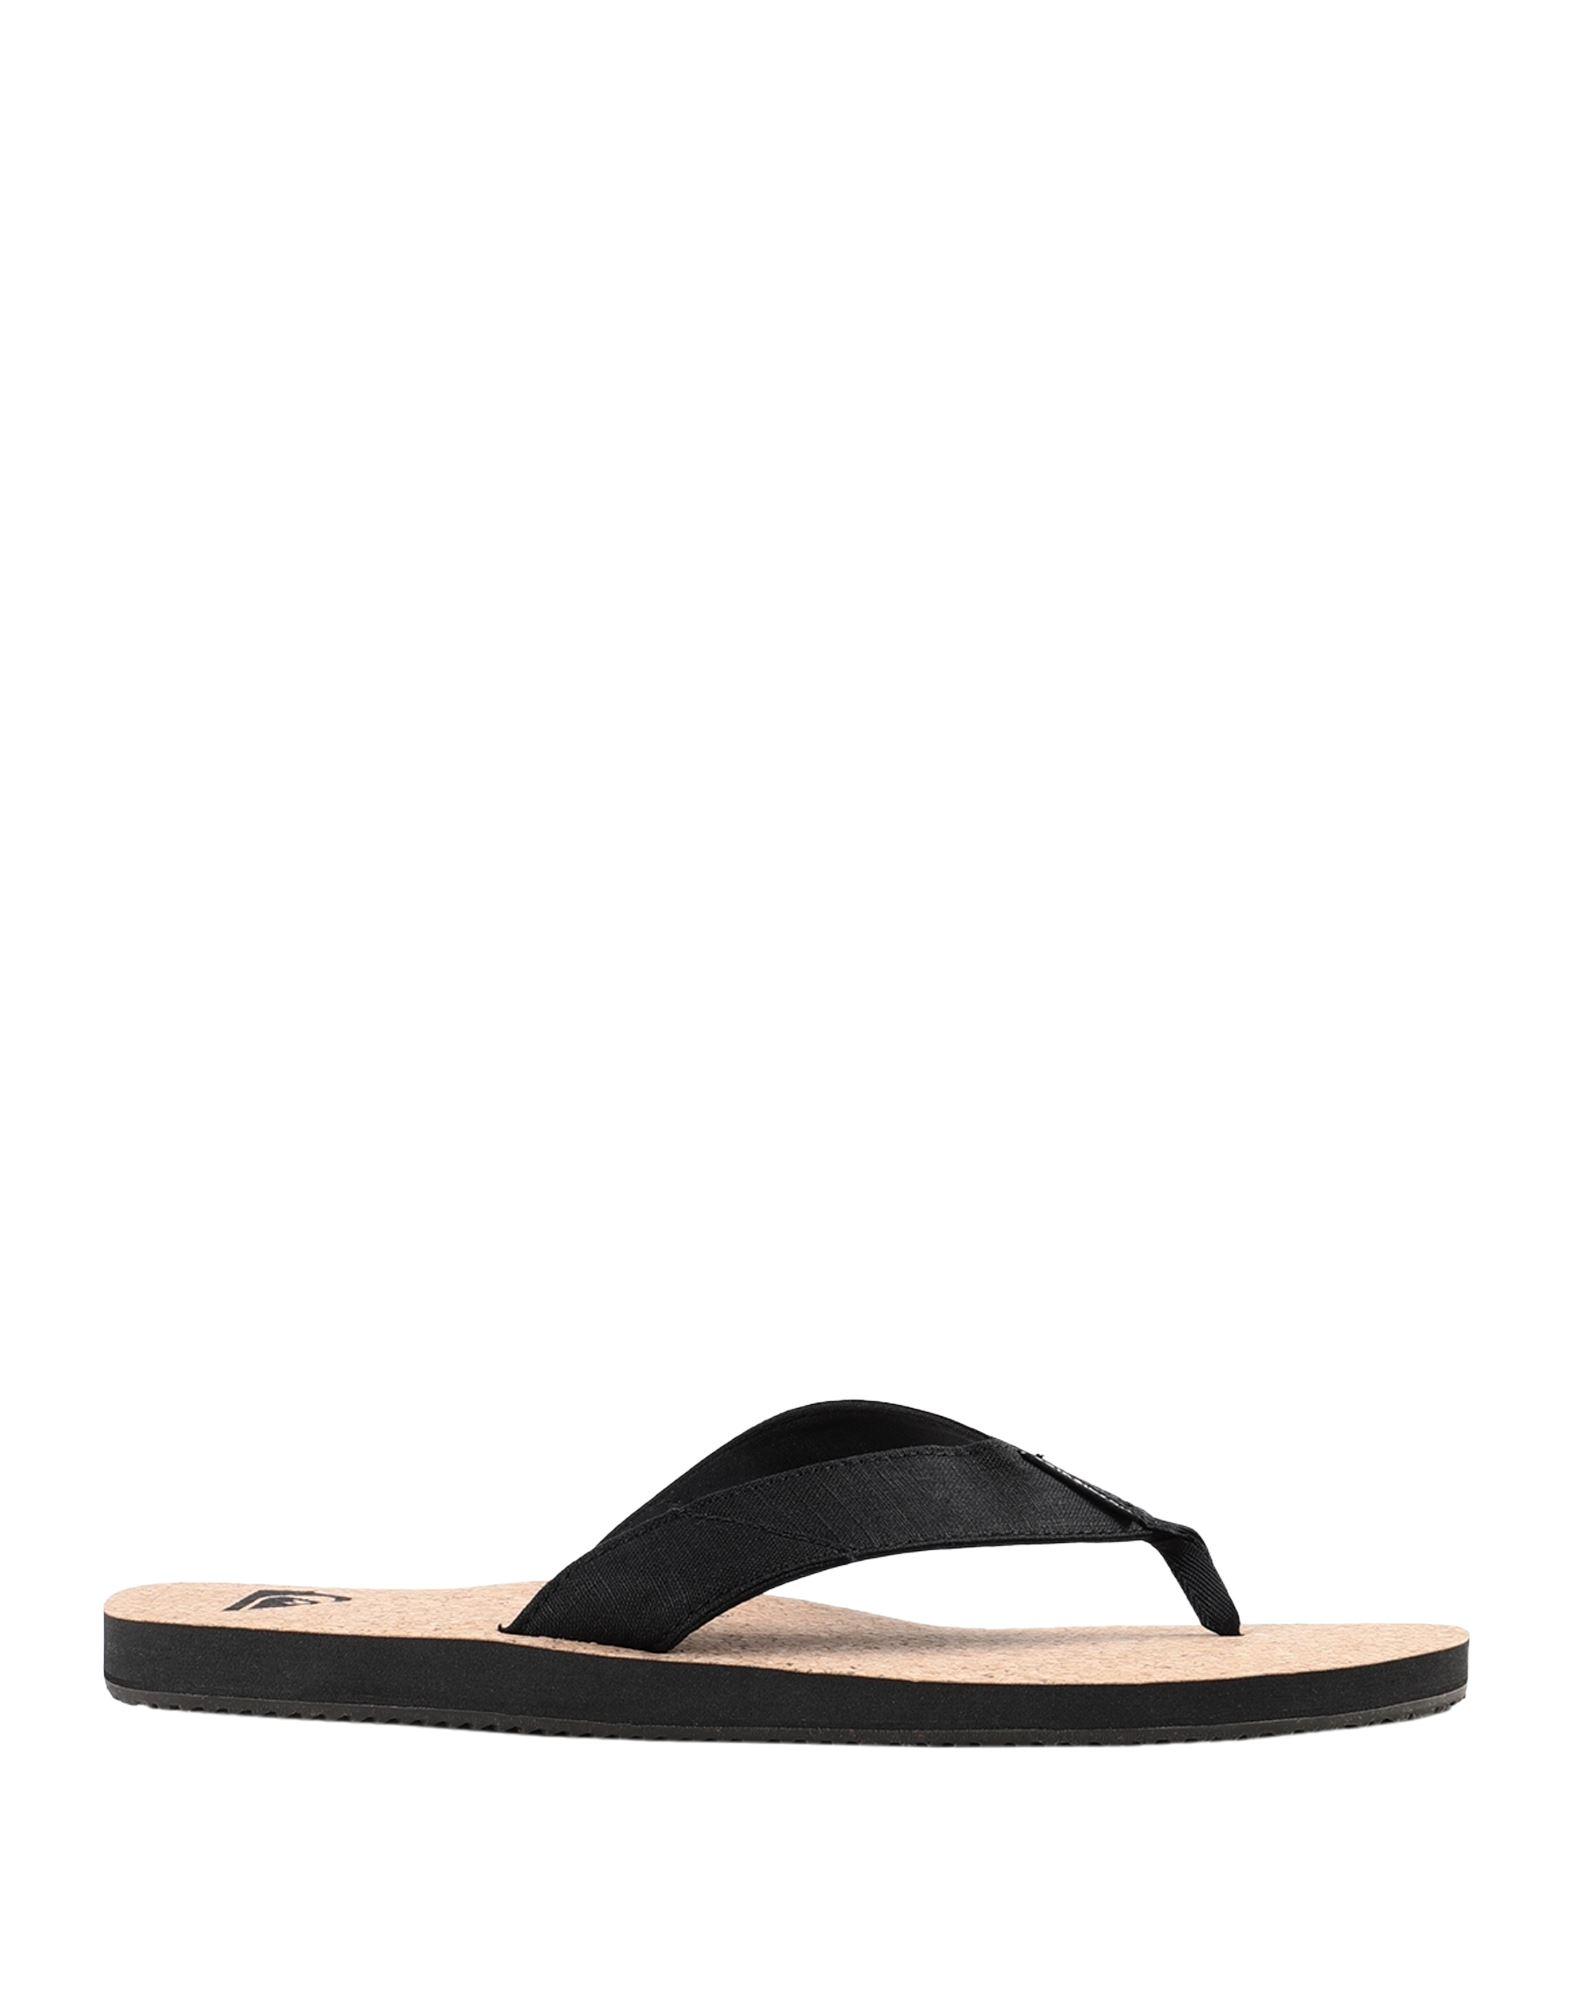 《セール開催中》QUIKSILVER メンズ トングサンダル ブラック 39 紡績繊維 / コルク素材 QS Sandals Molokai Abyss Natural